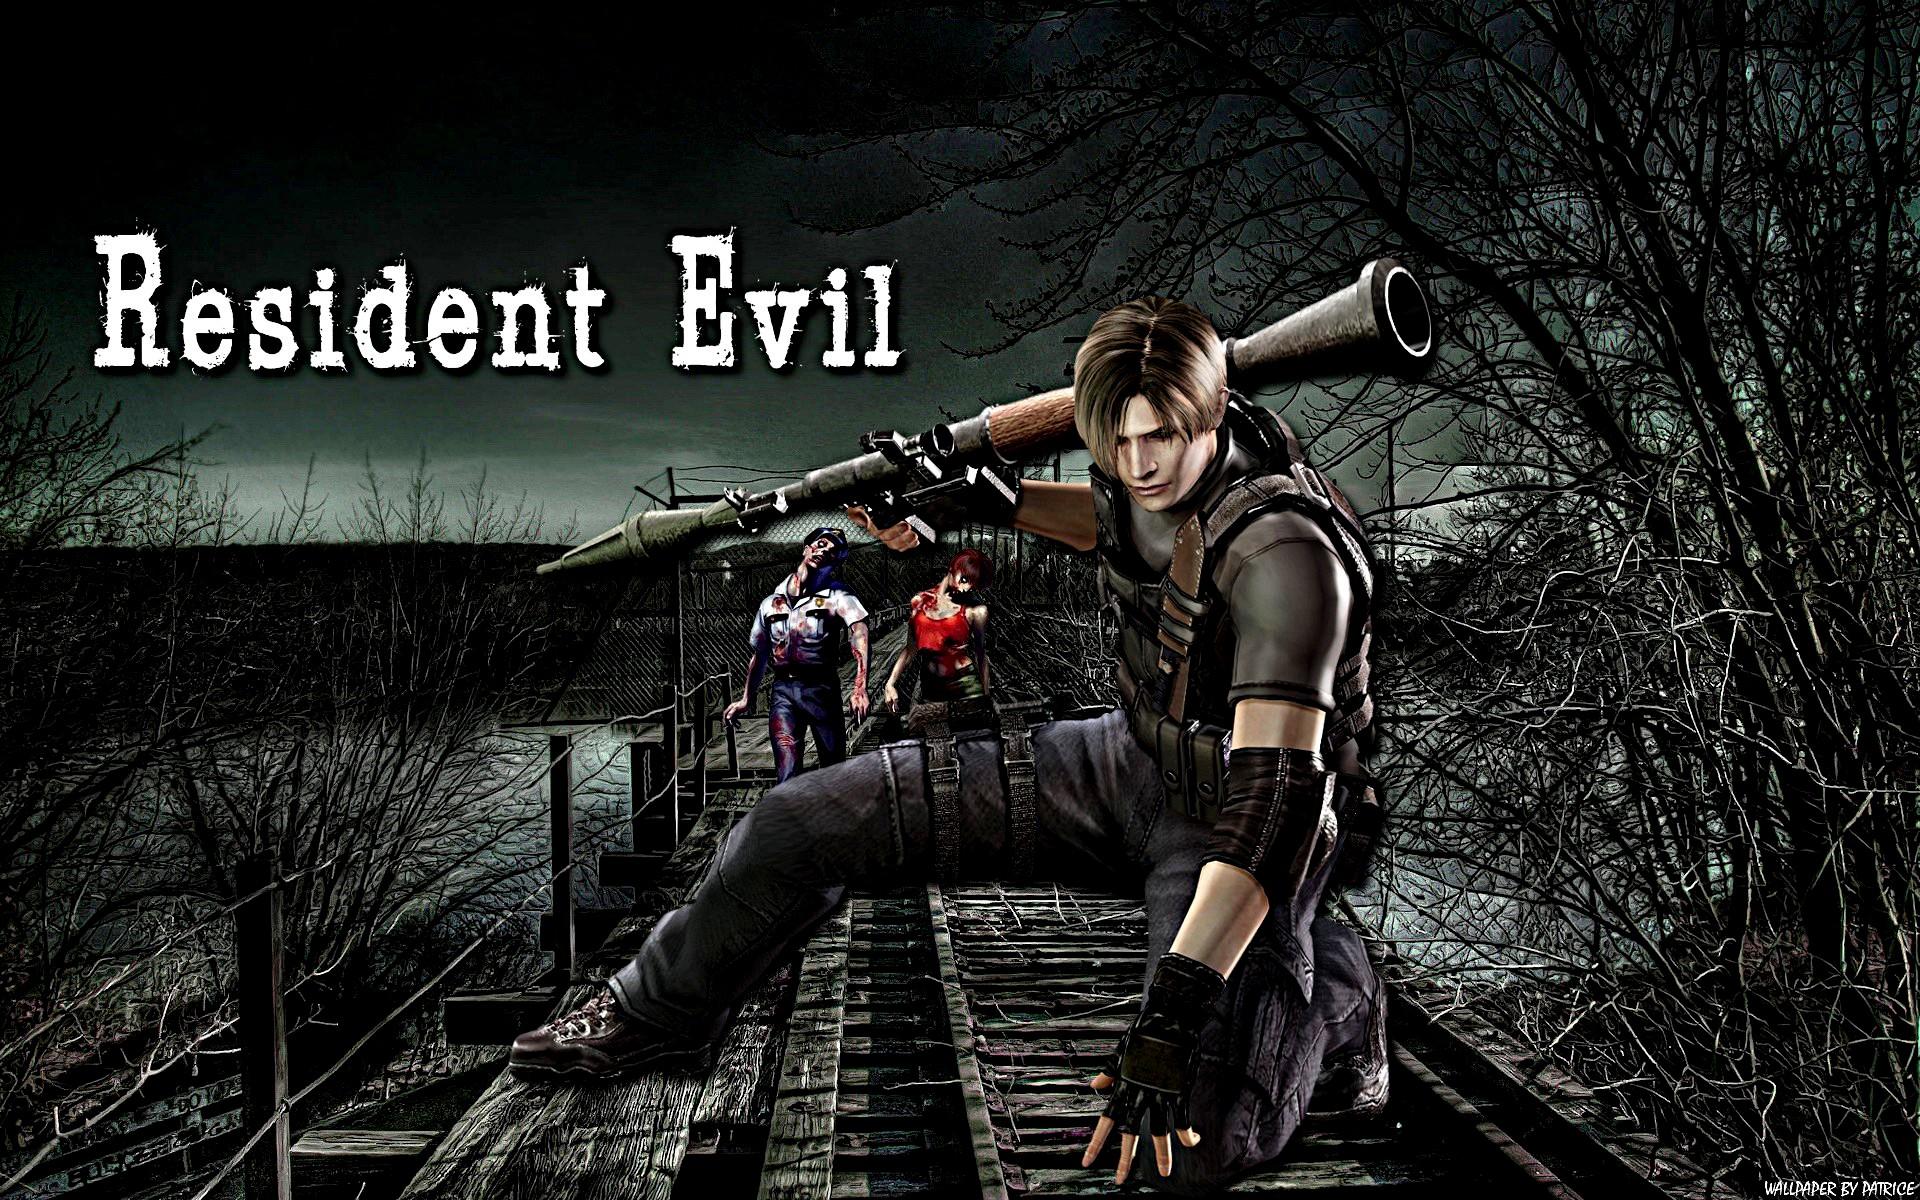 Resident Evil Hd Wallpaper - WallpaperSafari